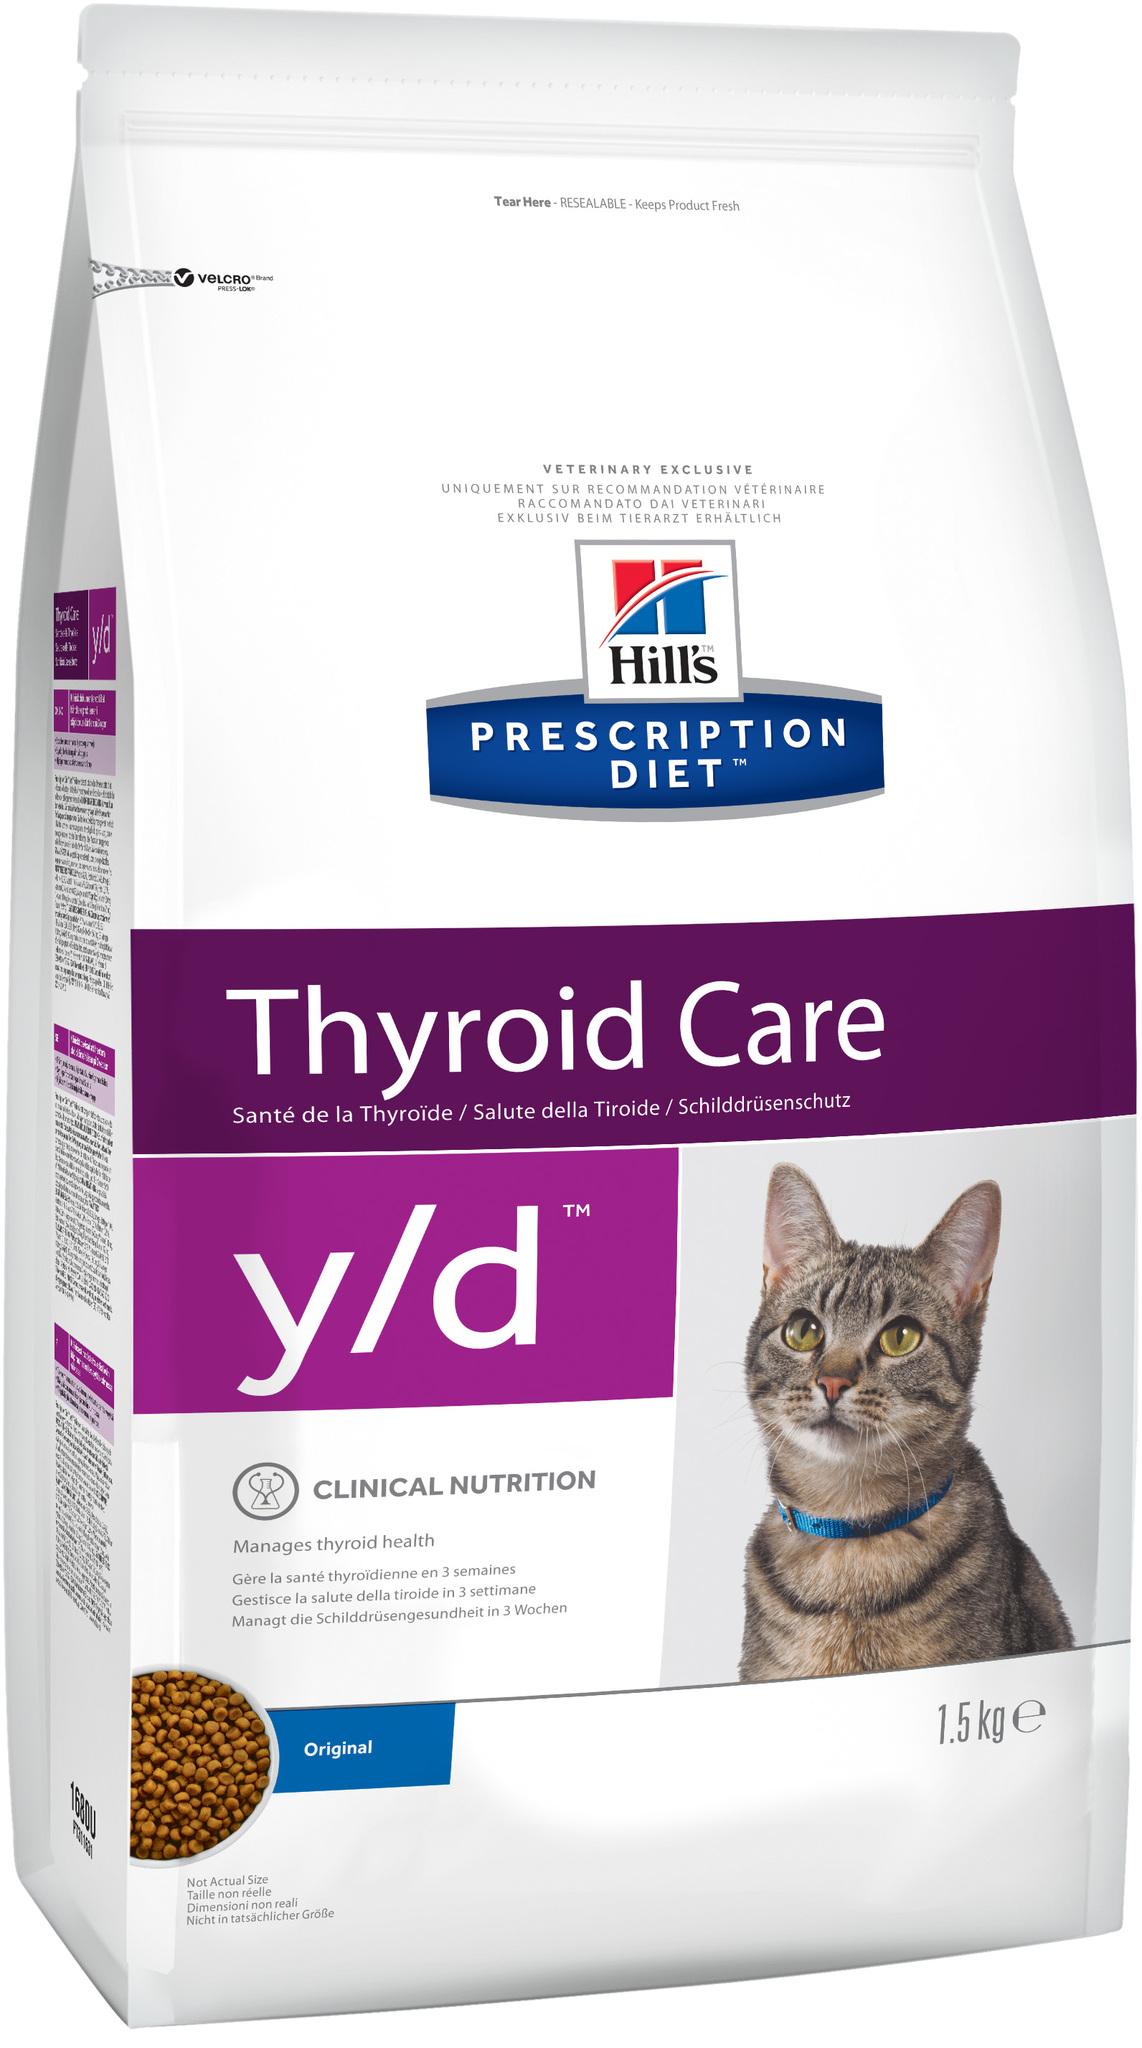 купить хиллс Hill's™ Prescription Diet™ Feline y/d™ Thyroid Care сухой корм для взрослых кошек, диетический рацион при гипертиреозе состав 1.5 кг